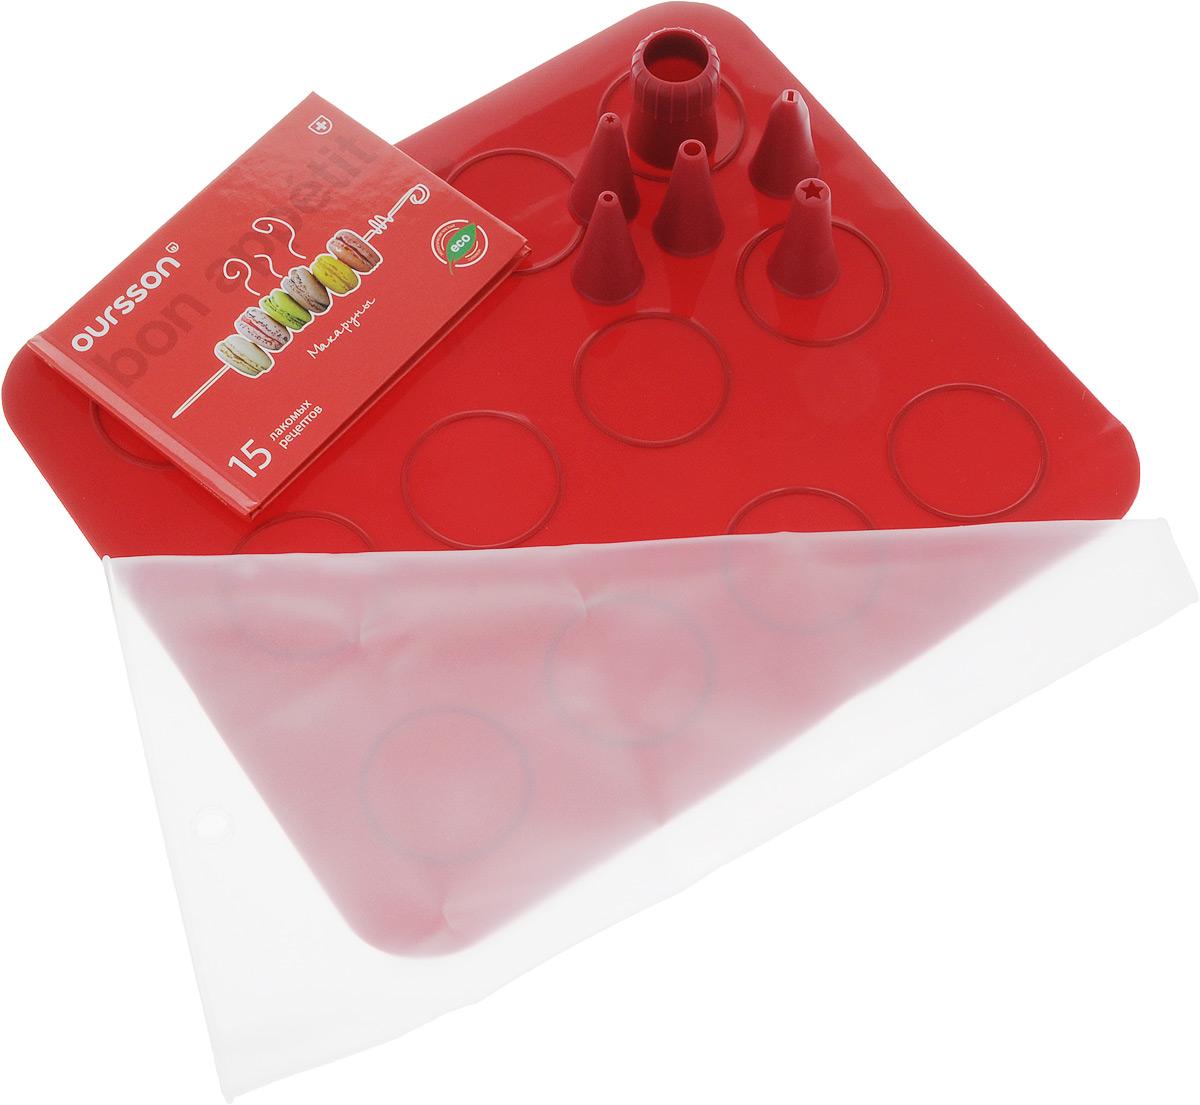 Набор для выпечки макарун Oursson, цвет: красный, 8 предметовBW3150SS/MCНабор для выпечки Oursson состоит из силиконового коврика для 12 мини-пирожных, кондитерского мешочка, 5 насадок. А также в комплект входит книга с рецептами как приготовить 15 разных Макарун. Коврик изготовлен из высококачественного силикона, выдерживающего температуру от -20°C до +220°C. Если вы любите побаловать своих домашних вкусным и ароматным угощением по вашему оригинальному рецепту, то формы Oursson как раз то, что вам нужно! Можно использовать в духовом шкафу и микроволновой печи. Подходит для морозильной камеры и мытья в посудомоечной машине.